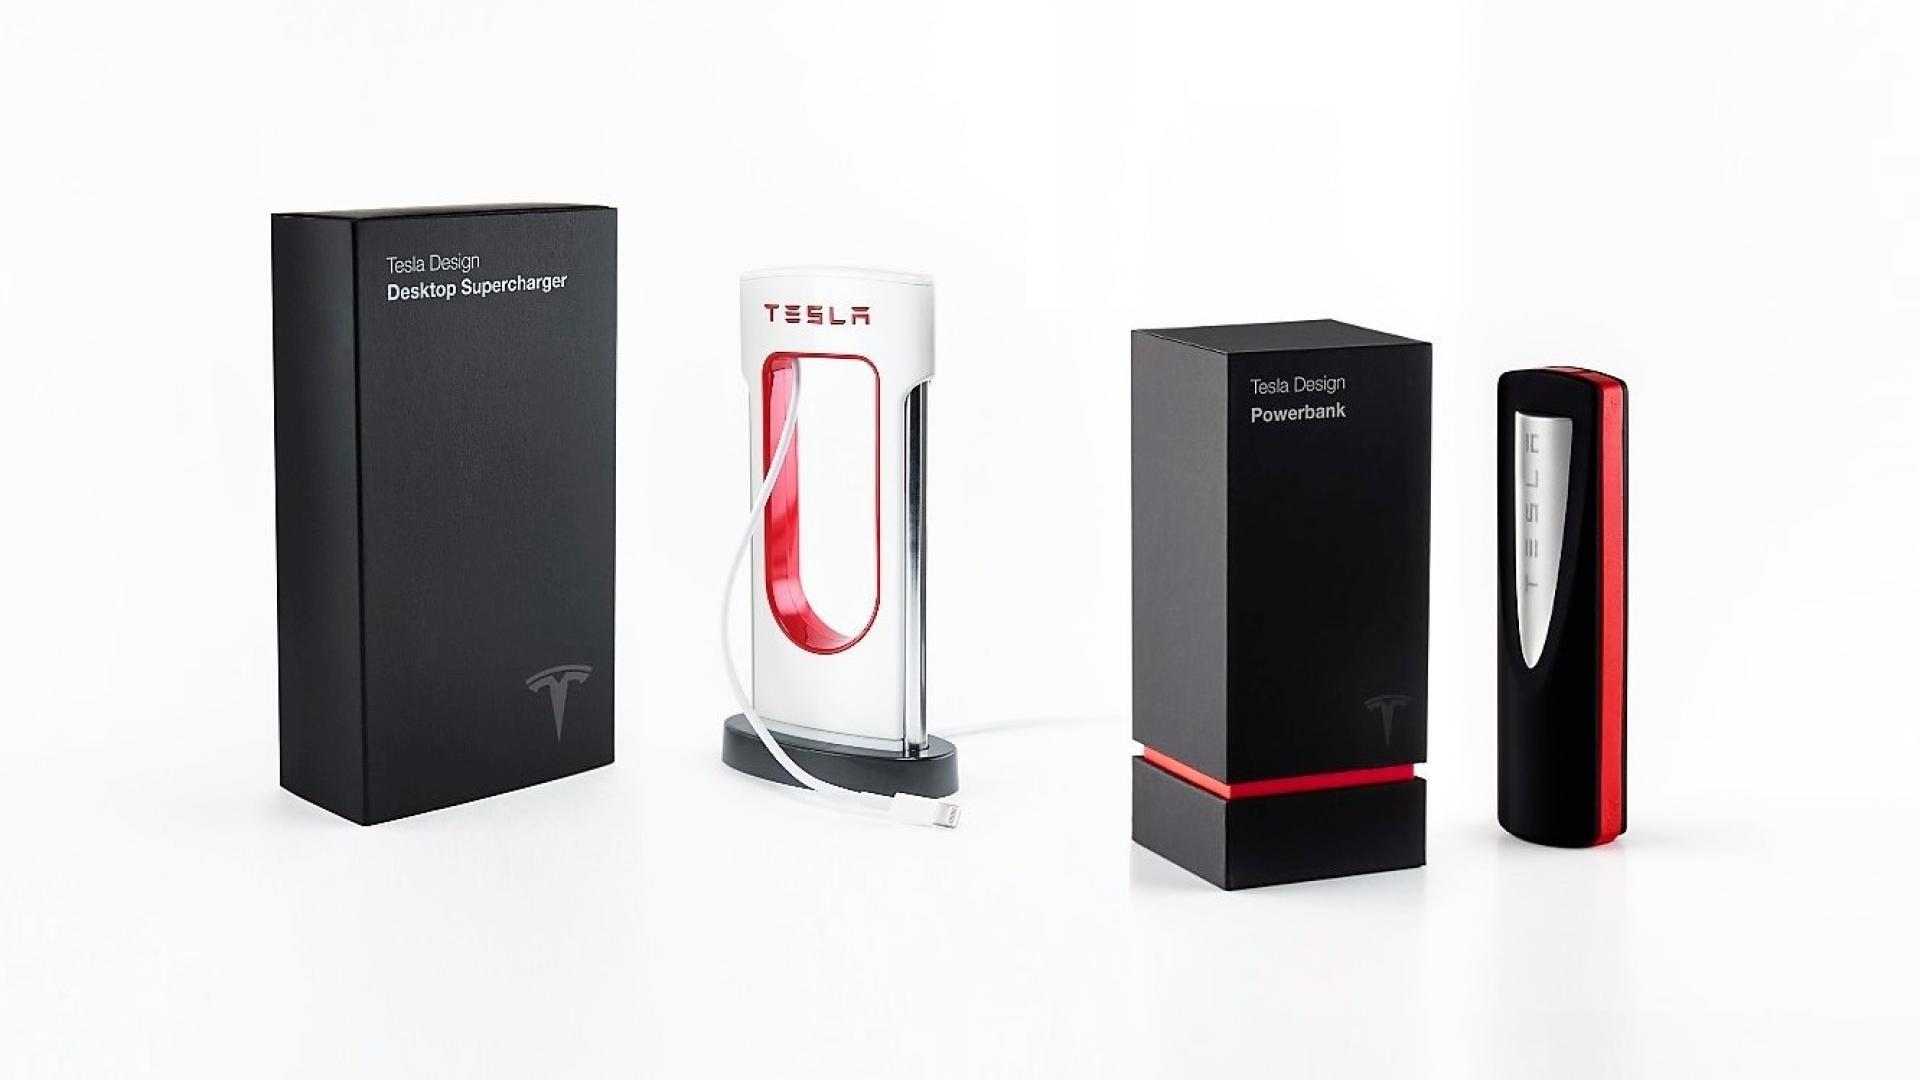 Tesla nos presenta una nueva batería... para cargar tus dispositivos 1